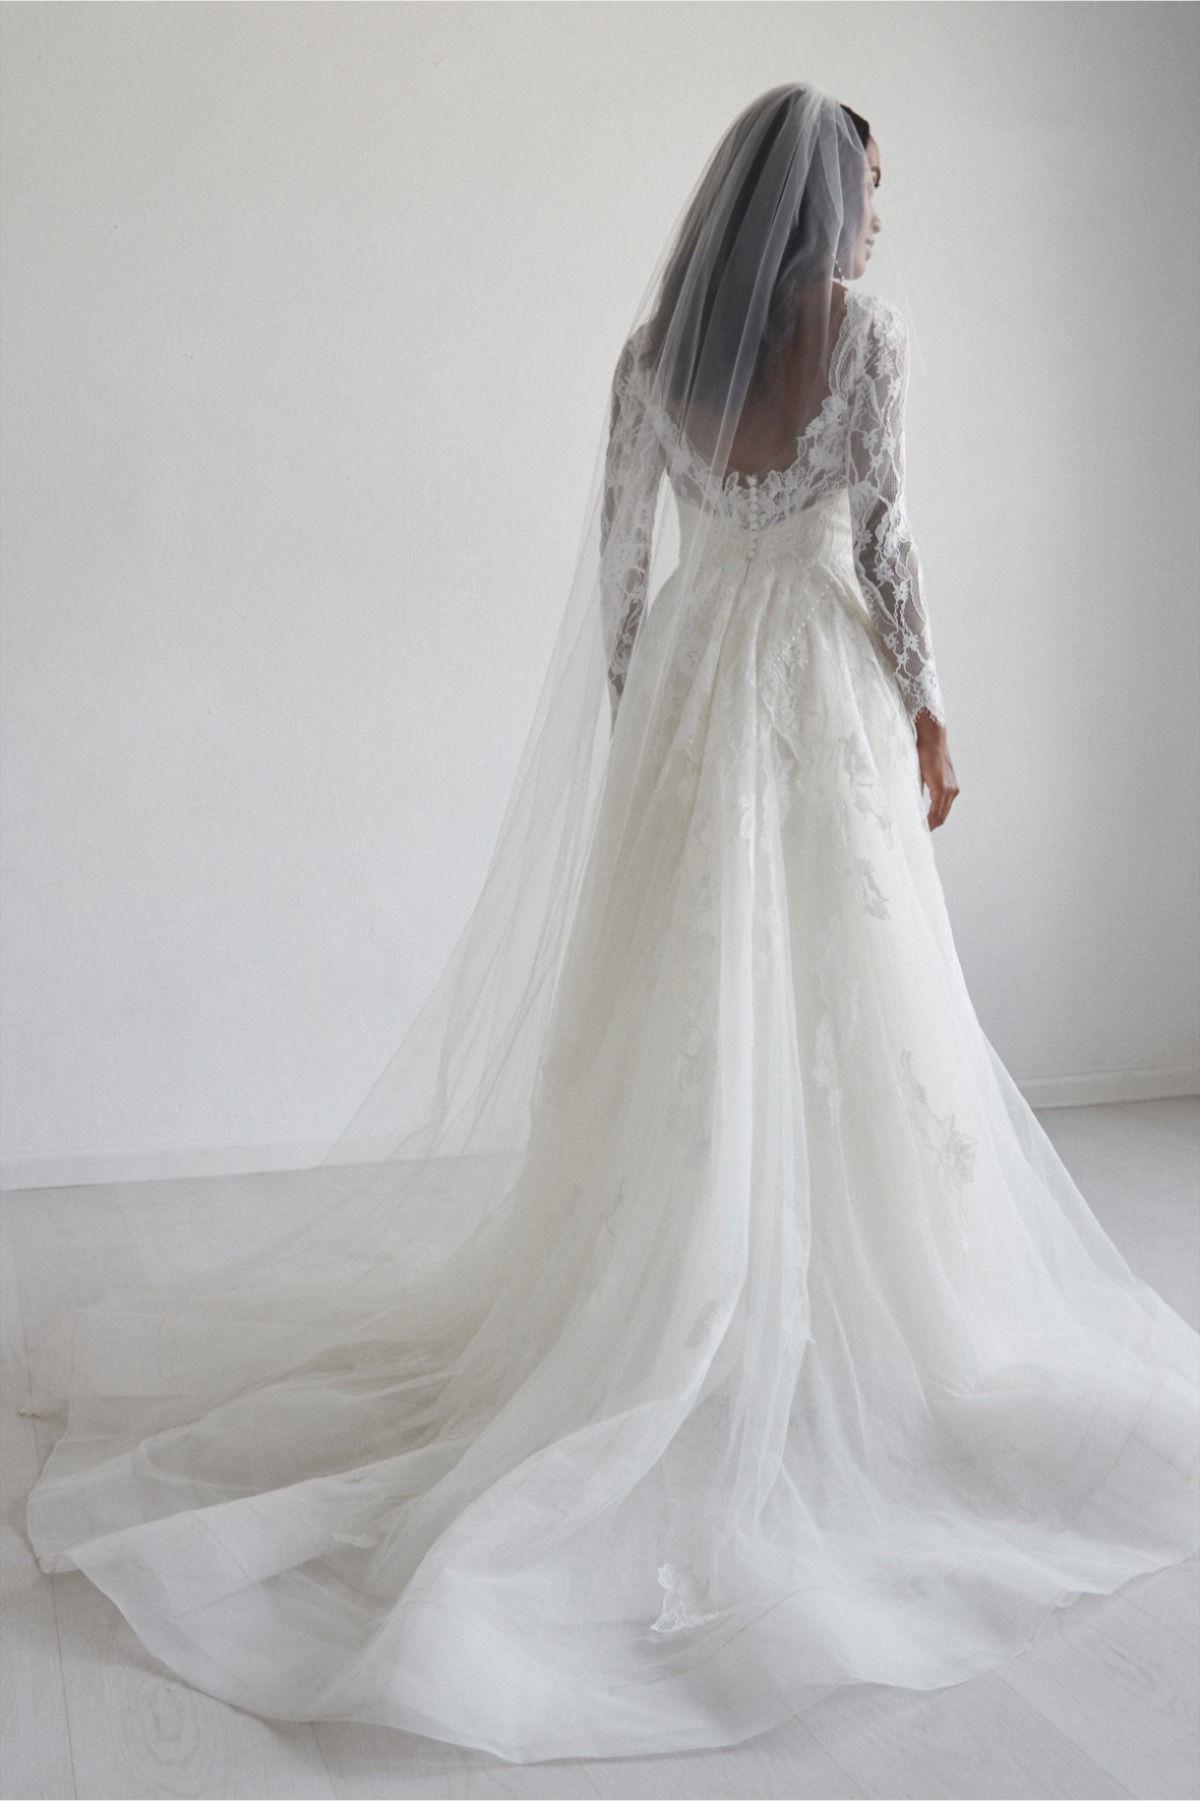 Watters Ambra Long Sleeve Wedding Dress Lace Wedding Gowns Lace Long Sleeve Wedding Gowns [ 1801 x 1200 Pixel ]